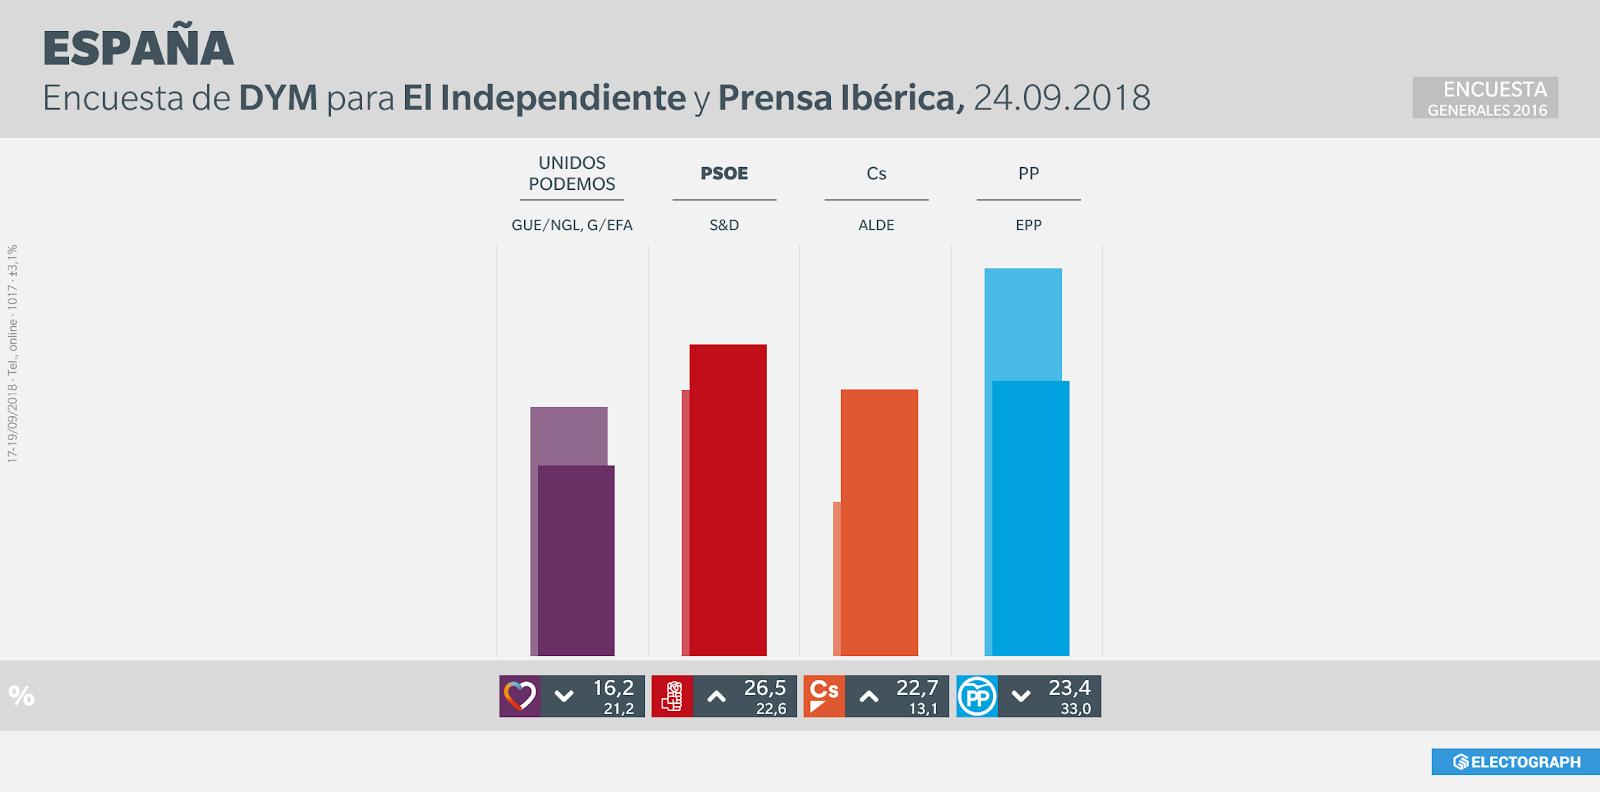 Gráfico de la encuesta para elecciones generales en España realizada por DYM para El Independiente y el Grupo Prensa Ibérica en septiembre de 2018